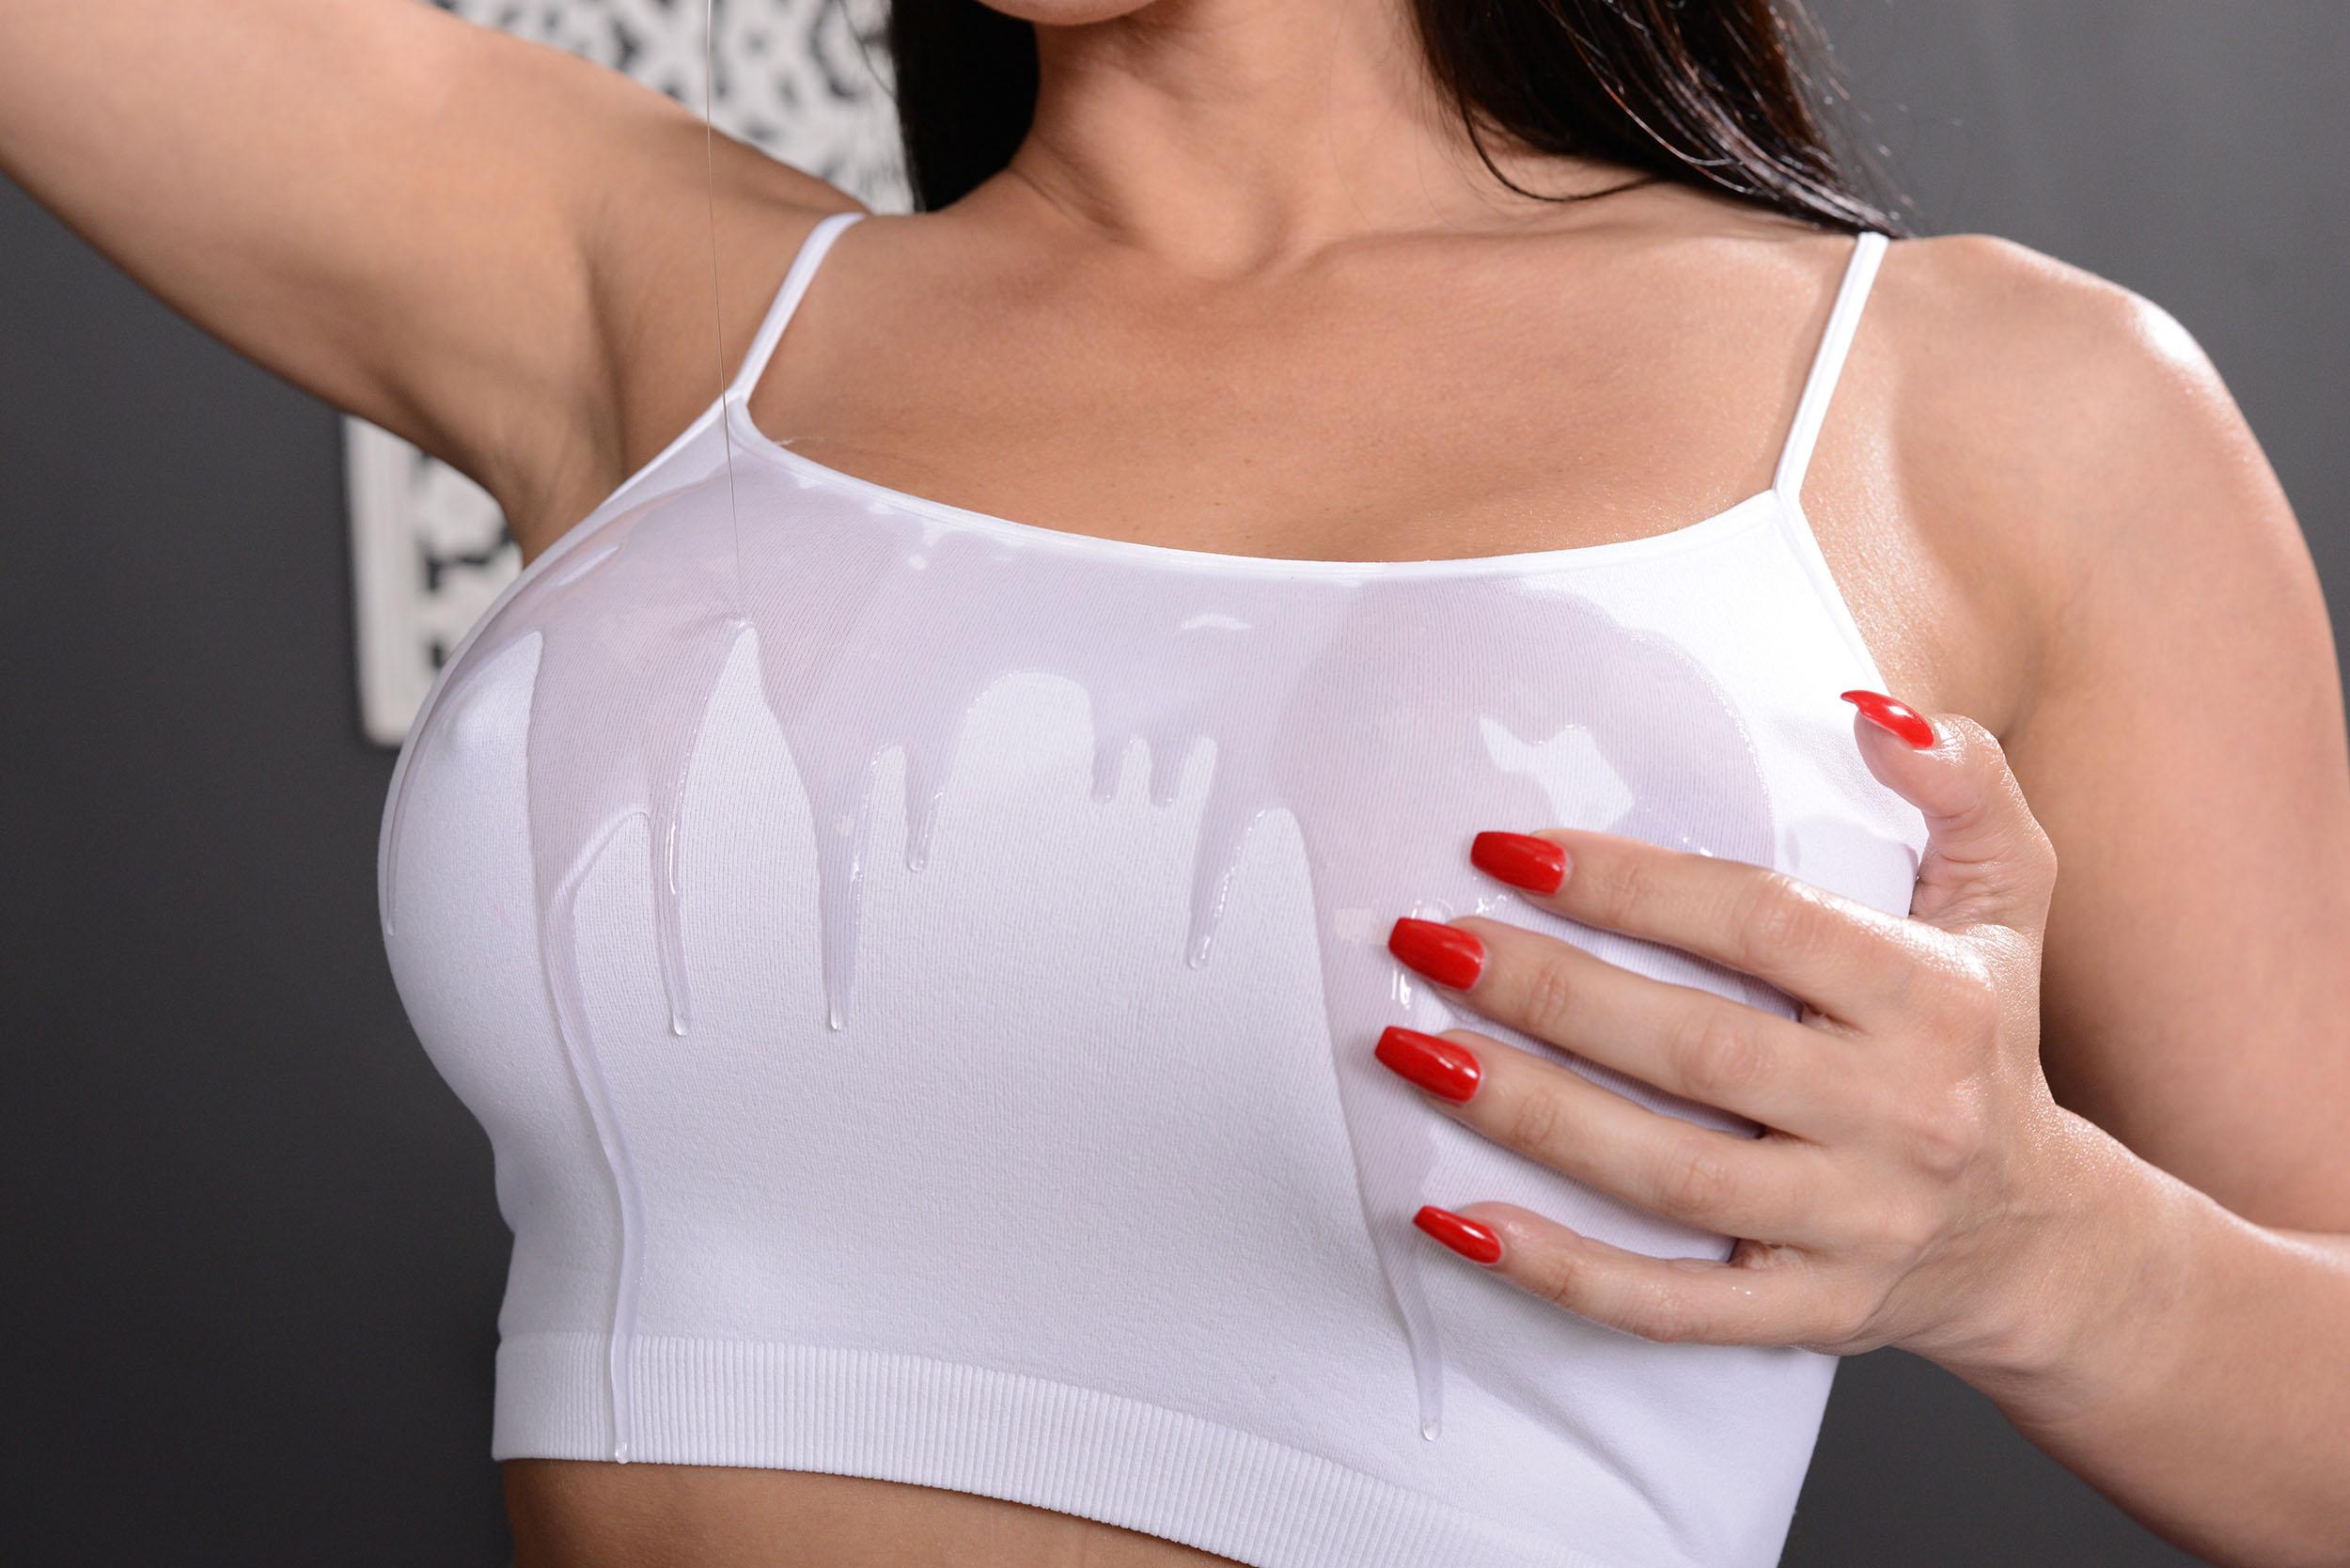 Rachel Starr in A 5 Starr Massage from Brazzers